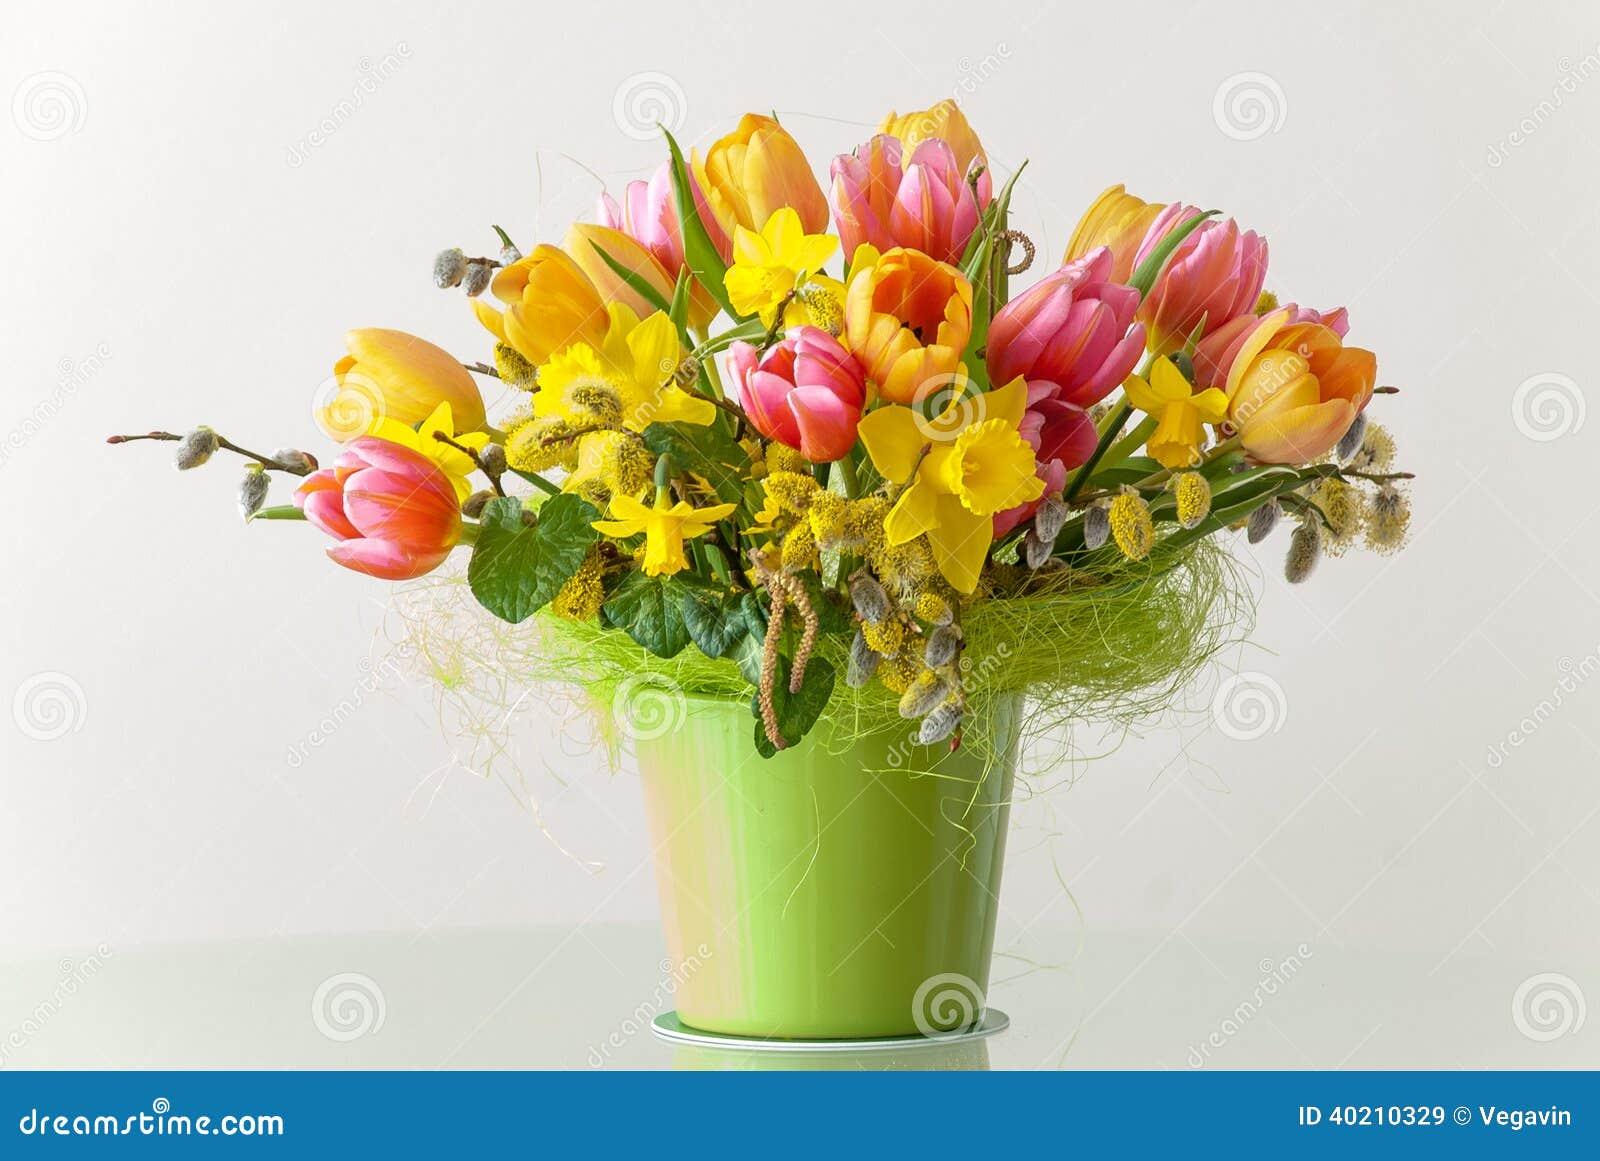 Mazzo Di Fiori Di Primavera.Mazzo Dei Fiori Della Primavera Immagine Stock Immagine Di